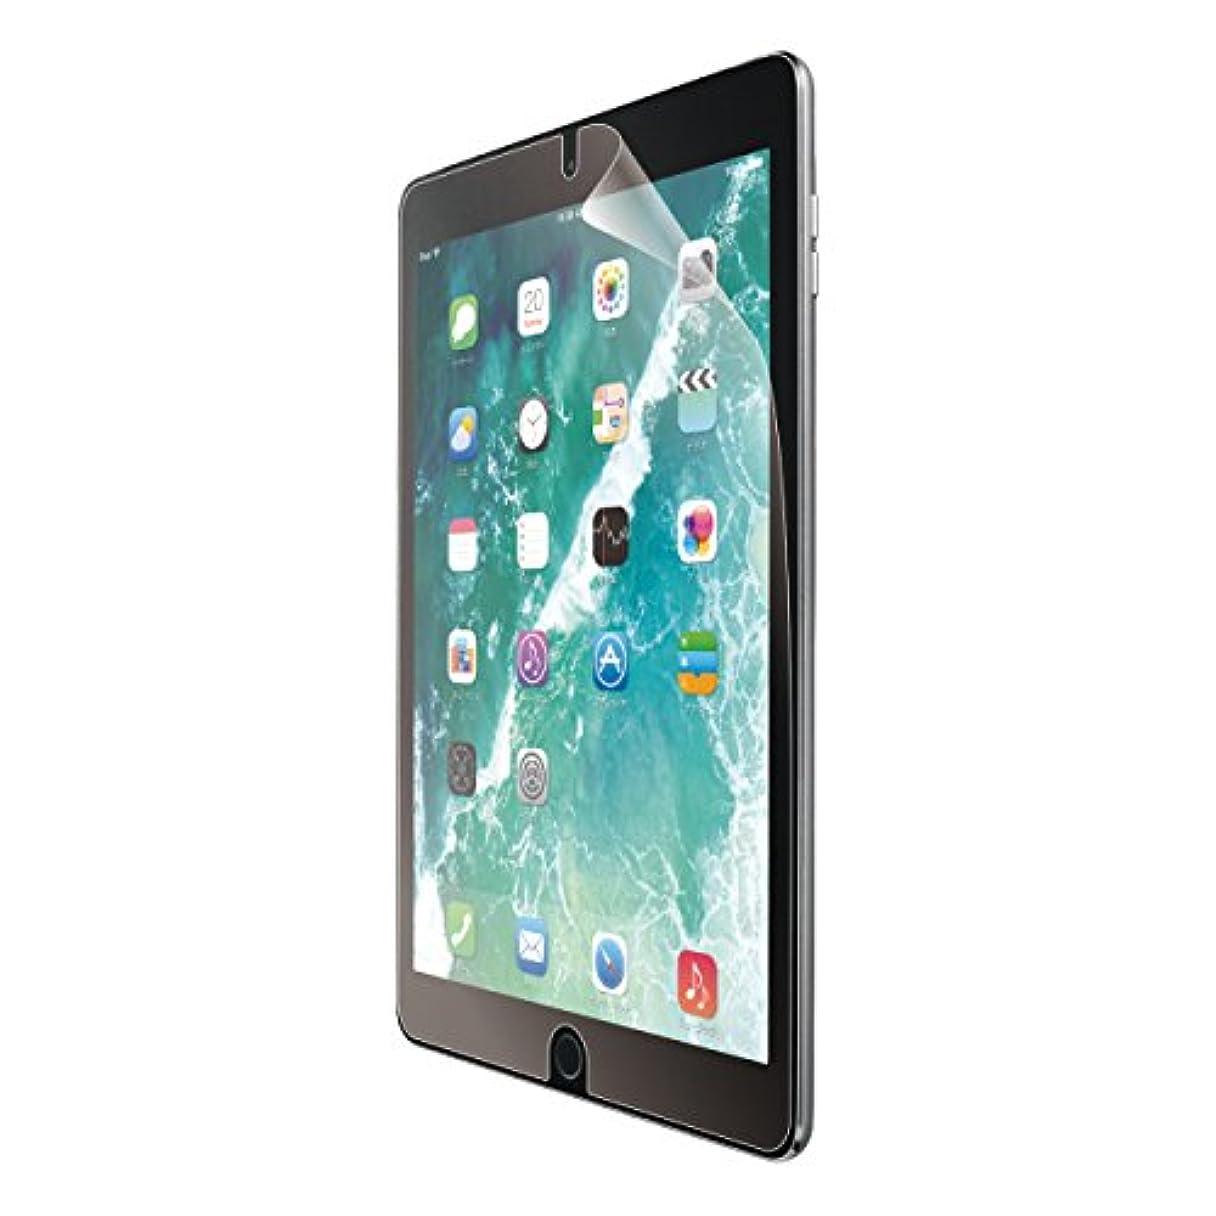 崇拝する性別肥沃なエレコム iPad フィルム 新型 iPad 9.7 2018(第6世代?新しい9.7インチiPad)/2017/iPad Pro 9.7/Air2/Air 指紋防止 気泡が目立たなくなるエアーレス加工 反射防止 TB-A179FLFA